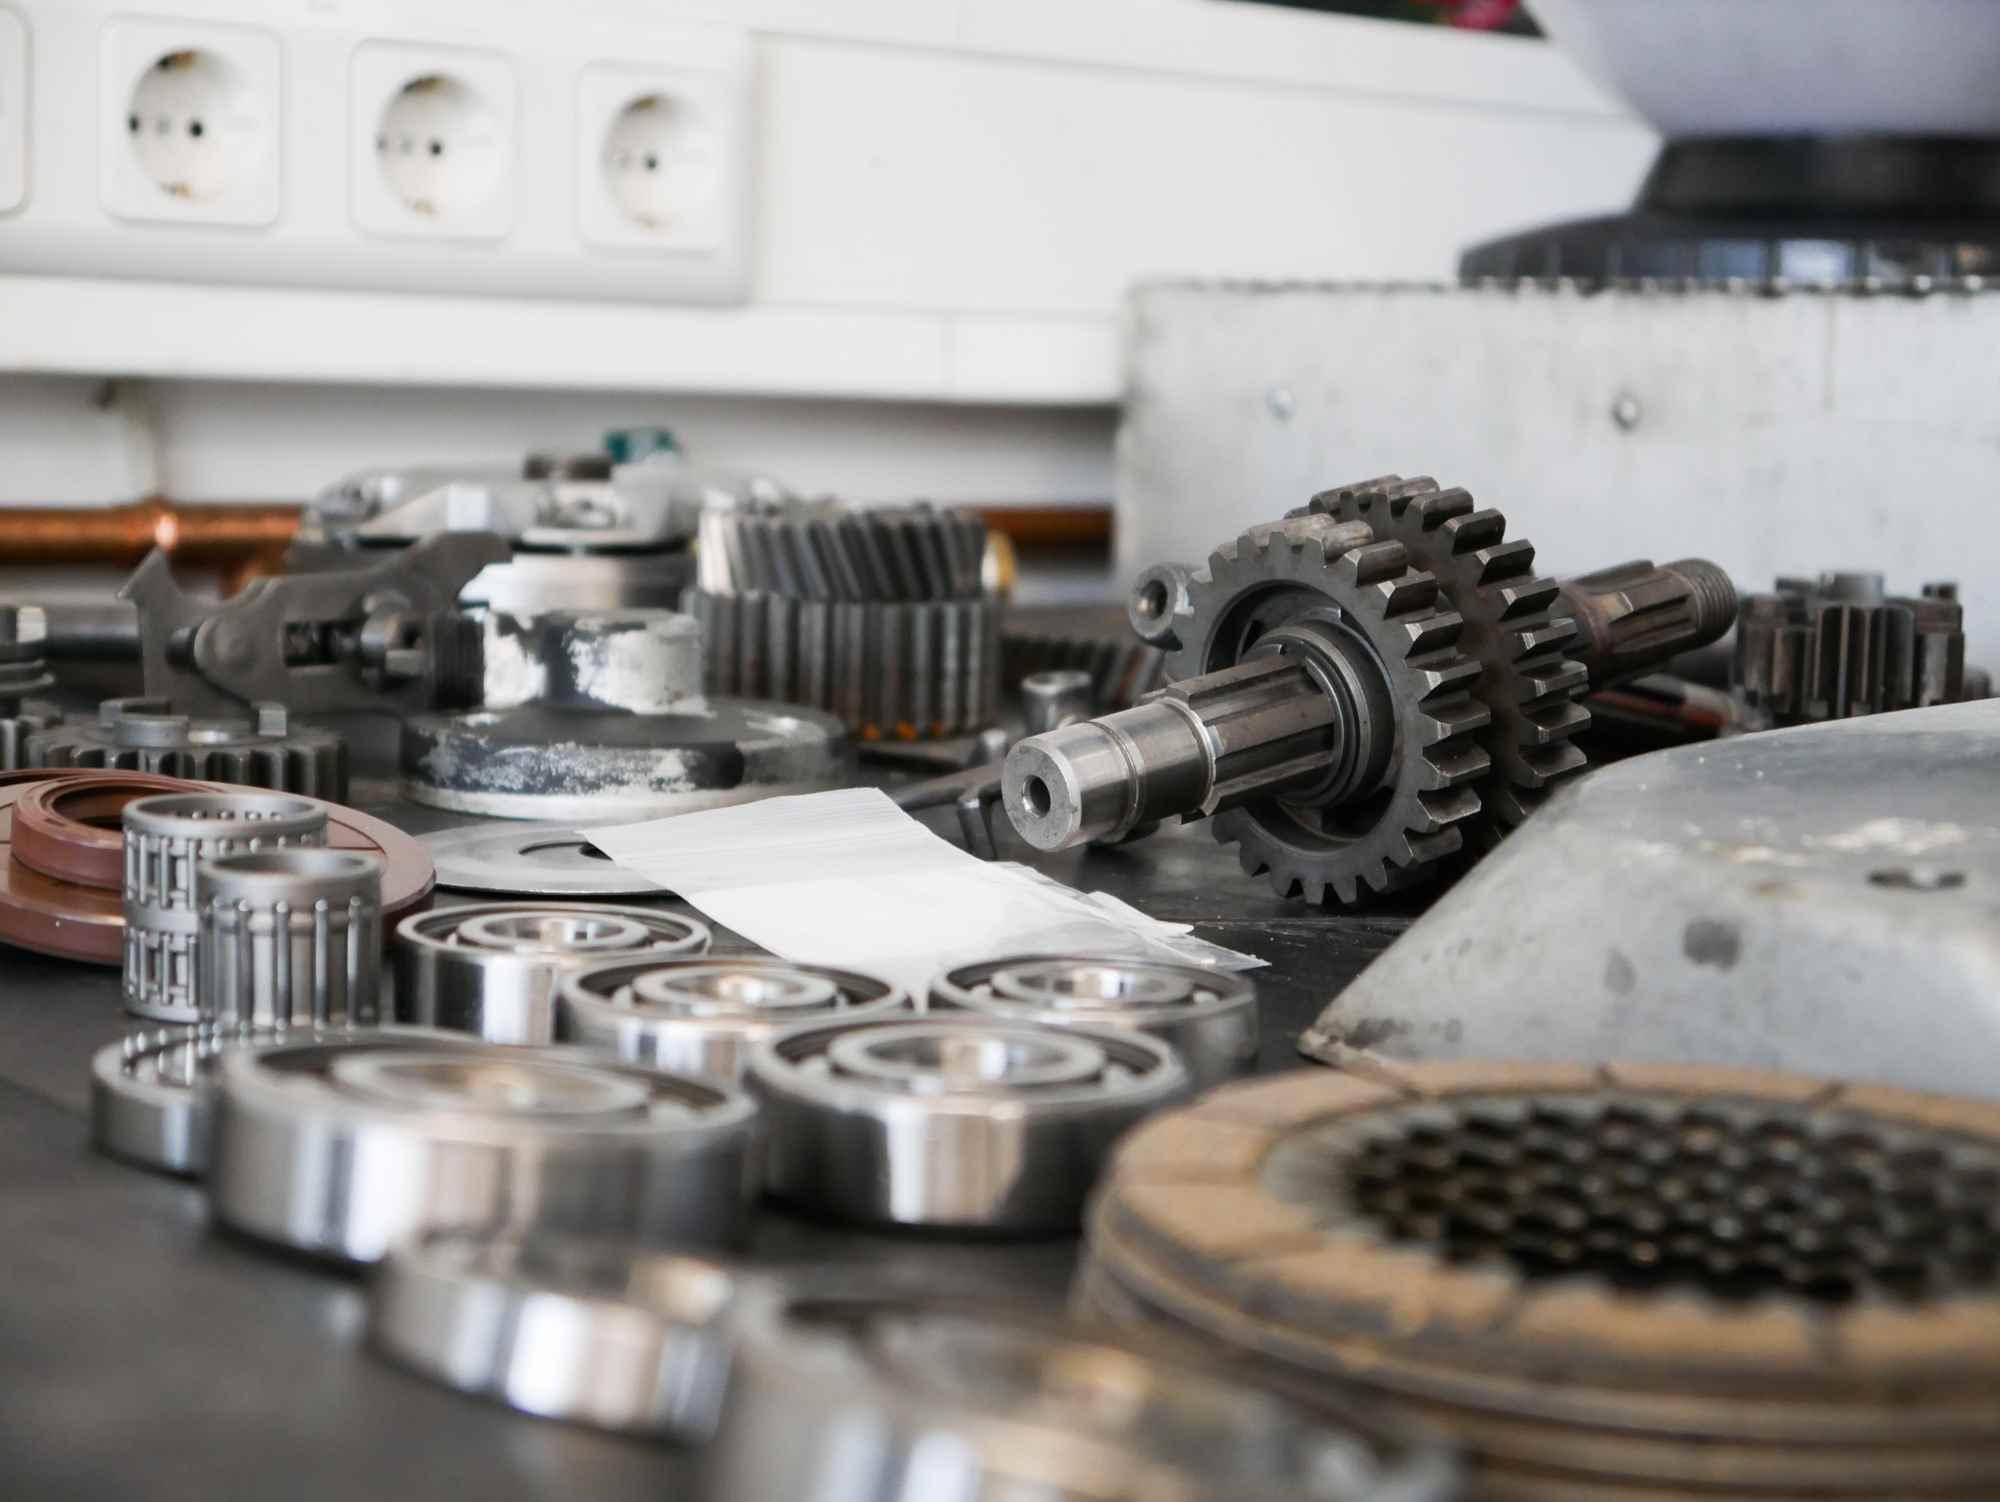 Neuteile für die MZ ETZ 250 Motorregeneration